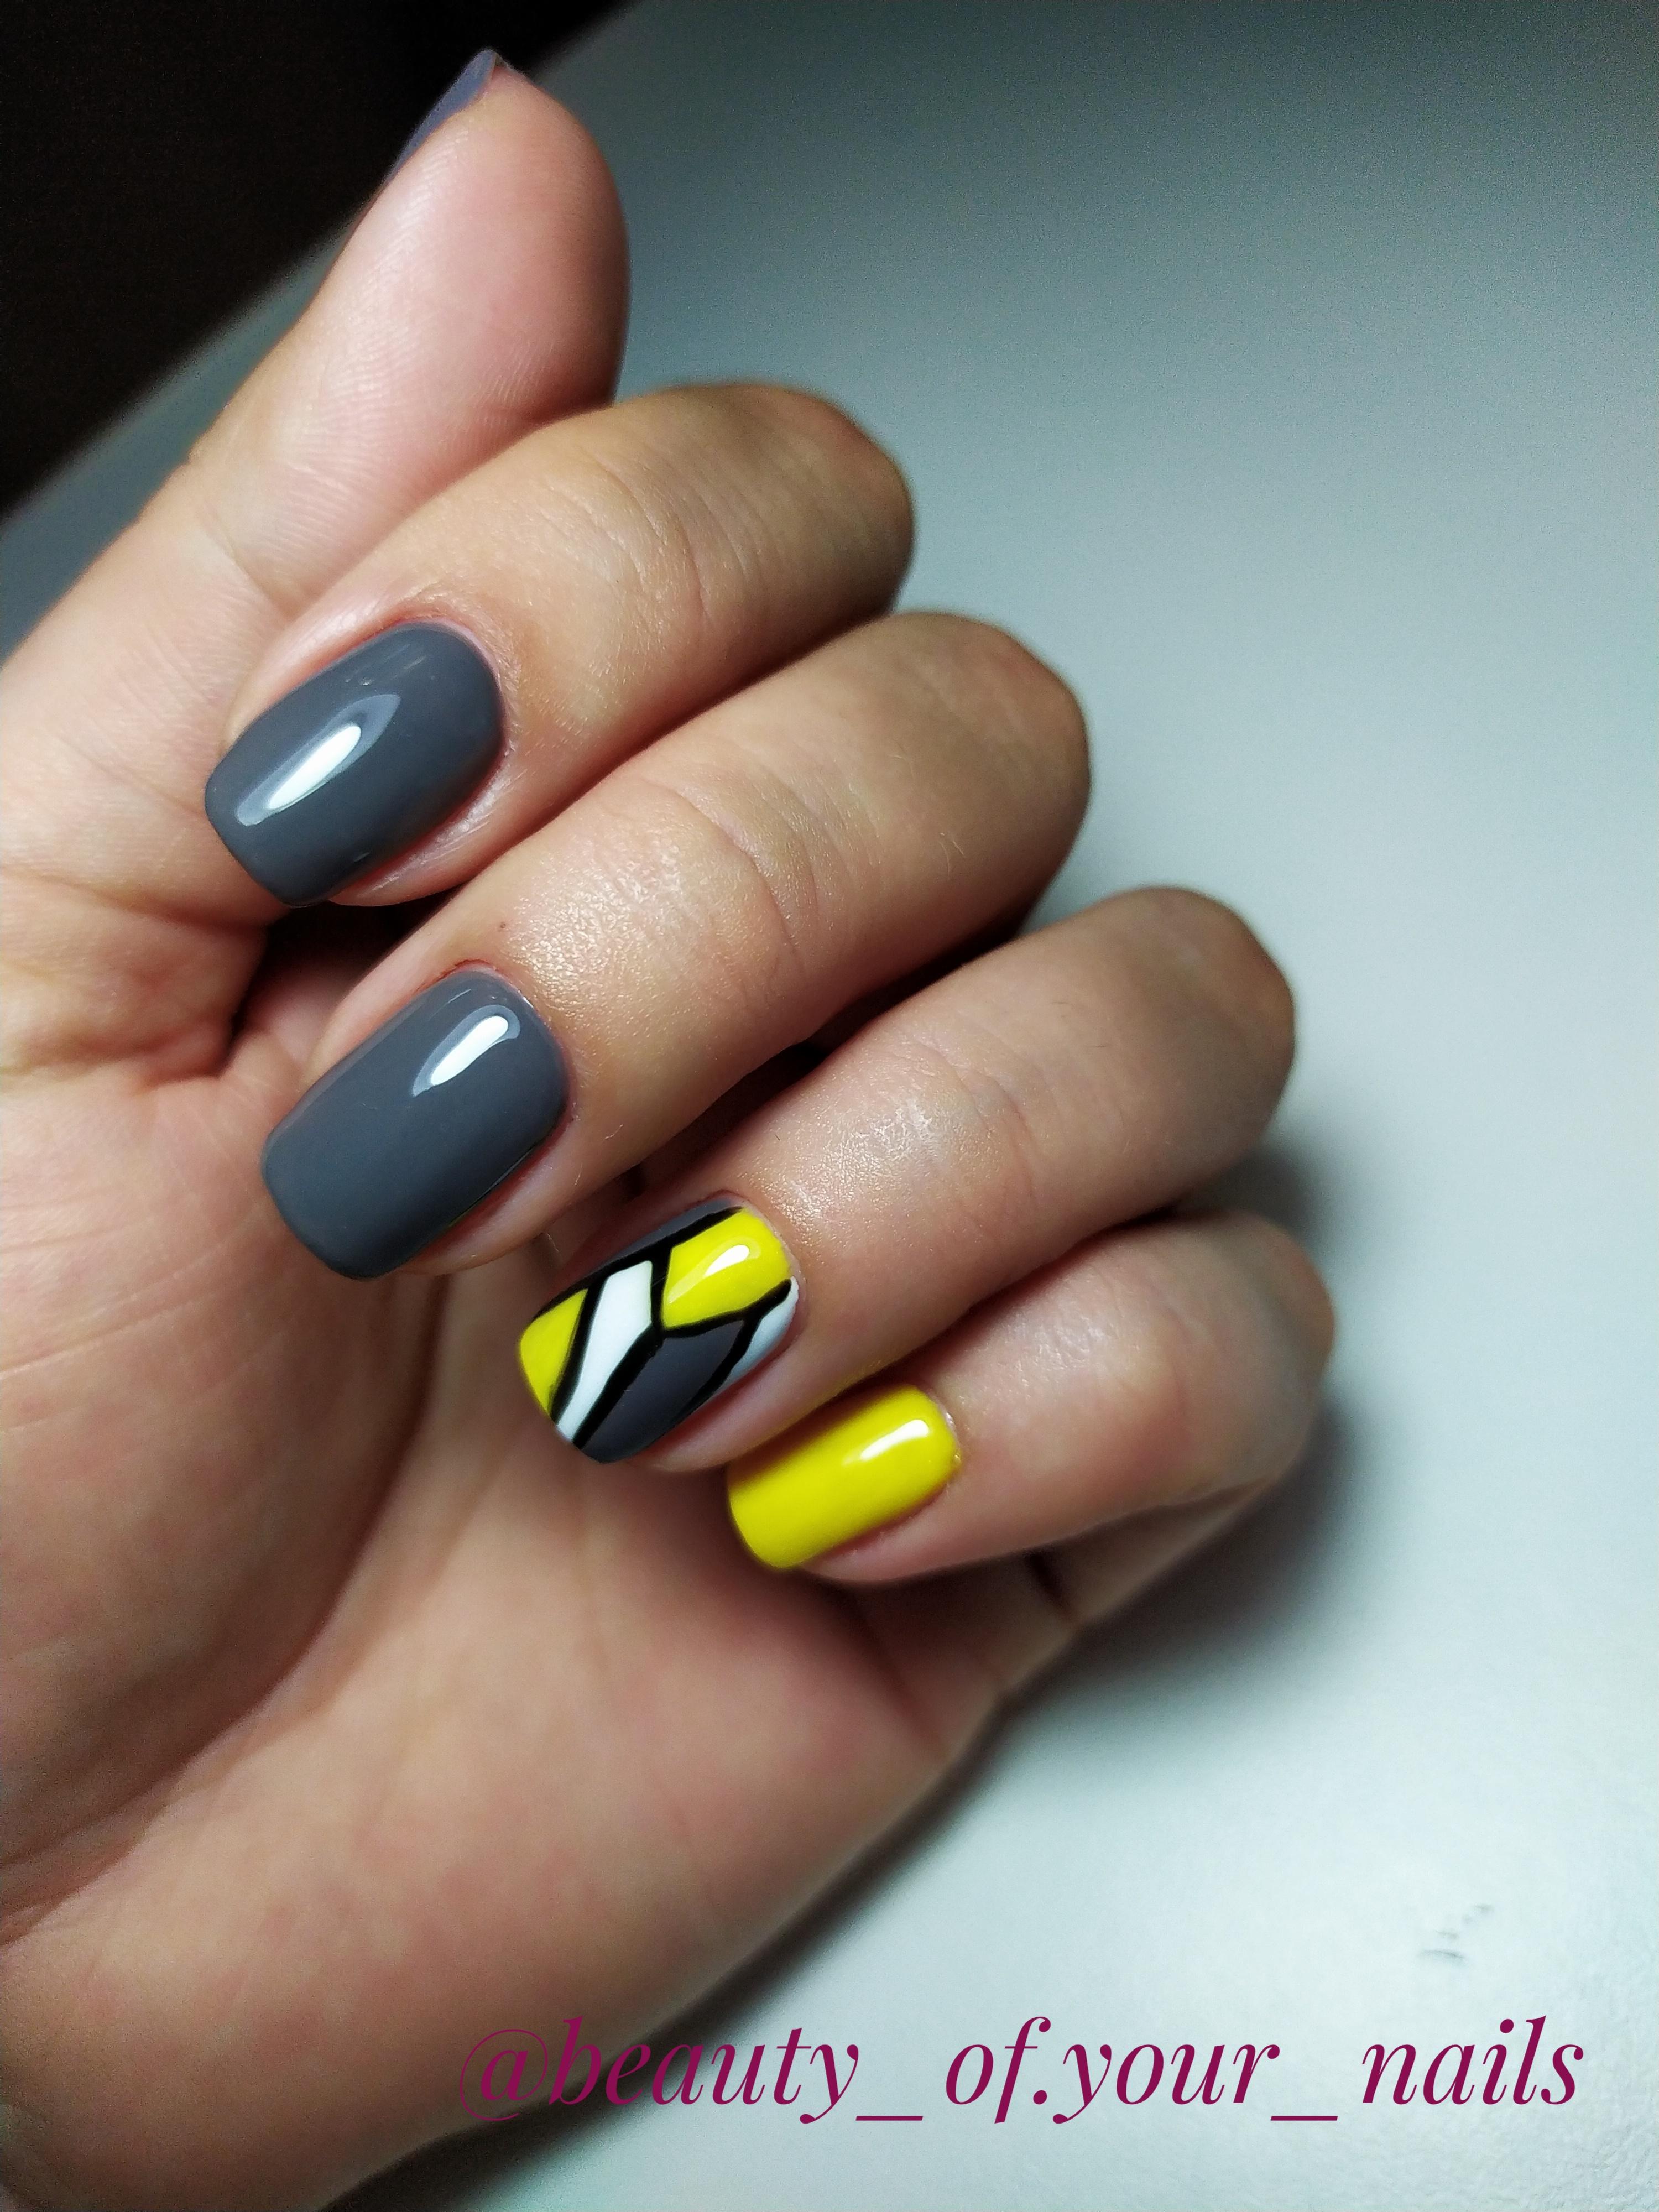 Геометрический маникюр в сером цвете на короткие ногти.